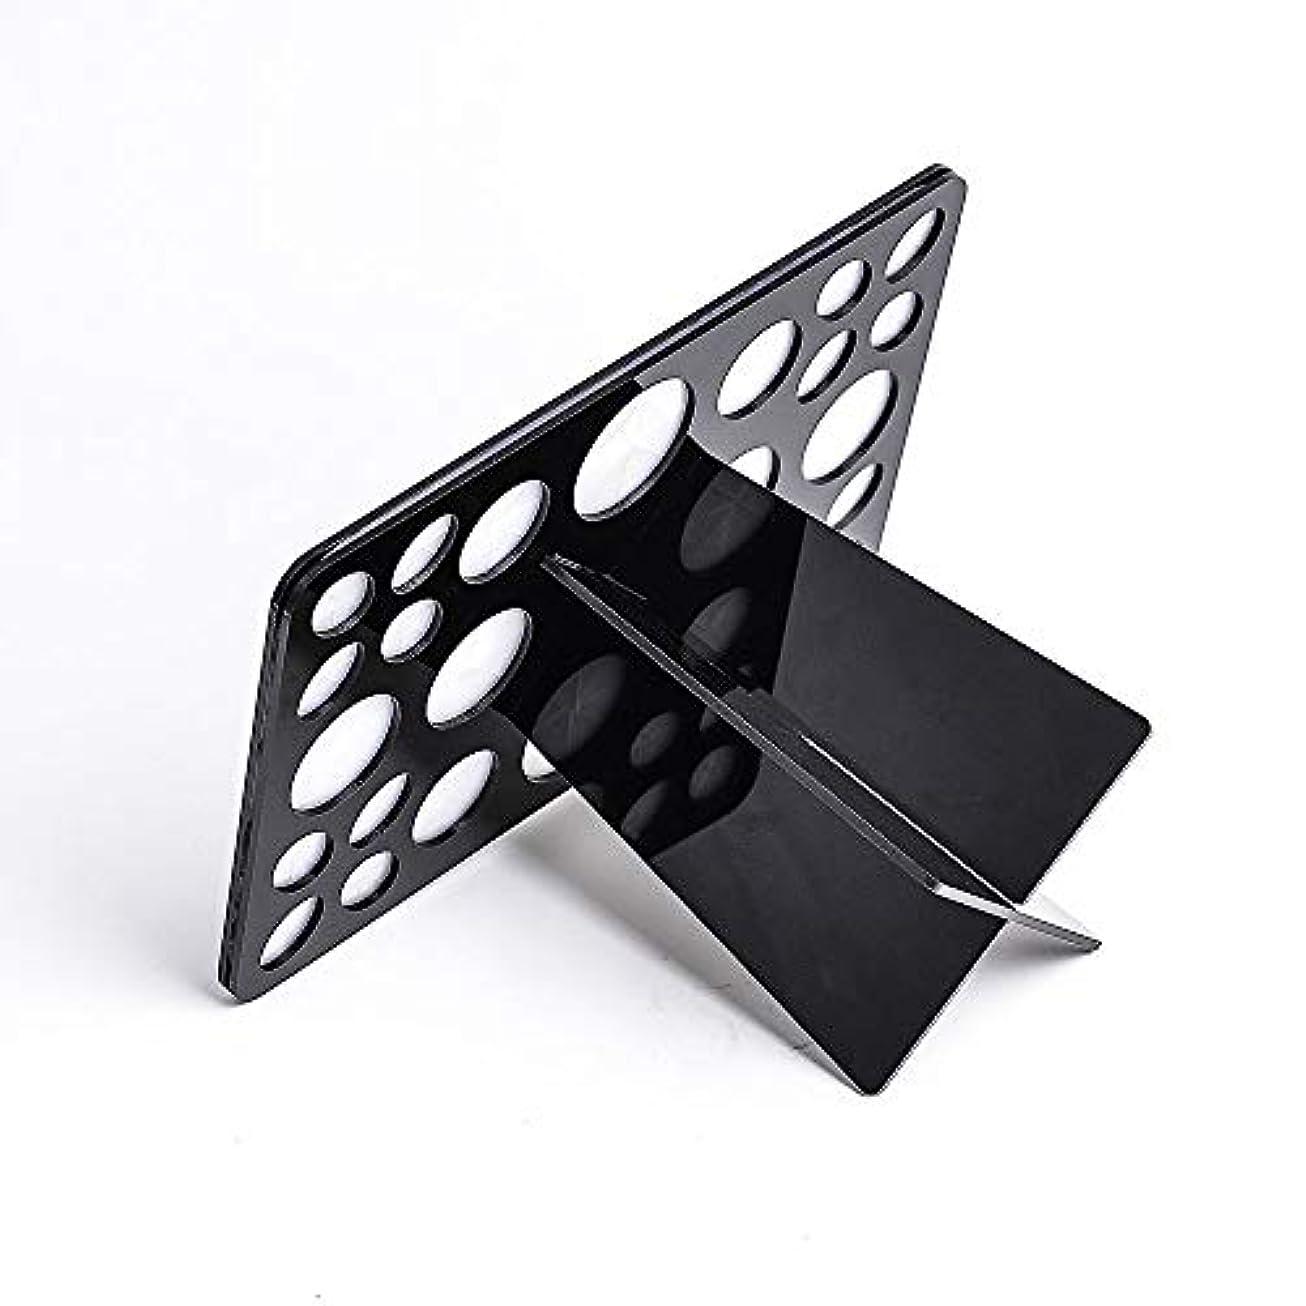 ひらめき適用する結び目メイクブラシホルダー ブラシたて 化粧ブラシスタンド メイクブラシ 収納 化粧筆を干す 乾燥立てホルダー アクリル製 折畳み可